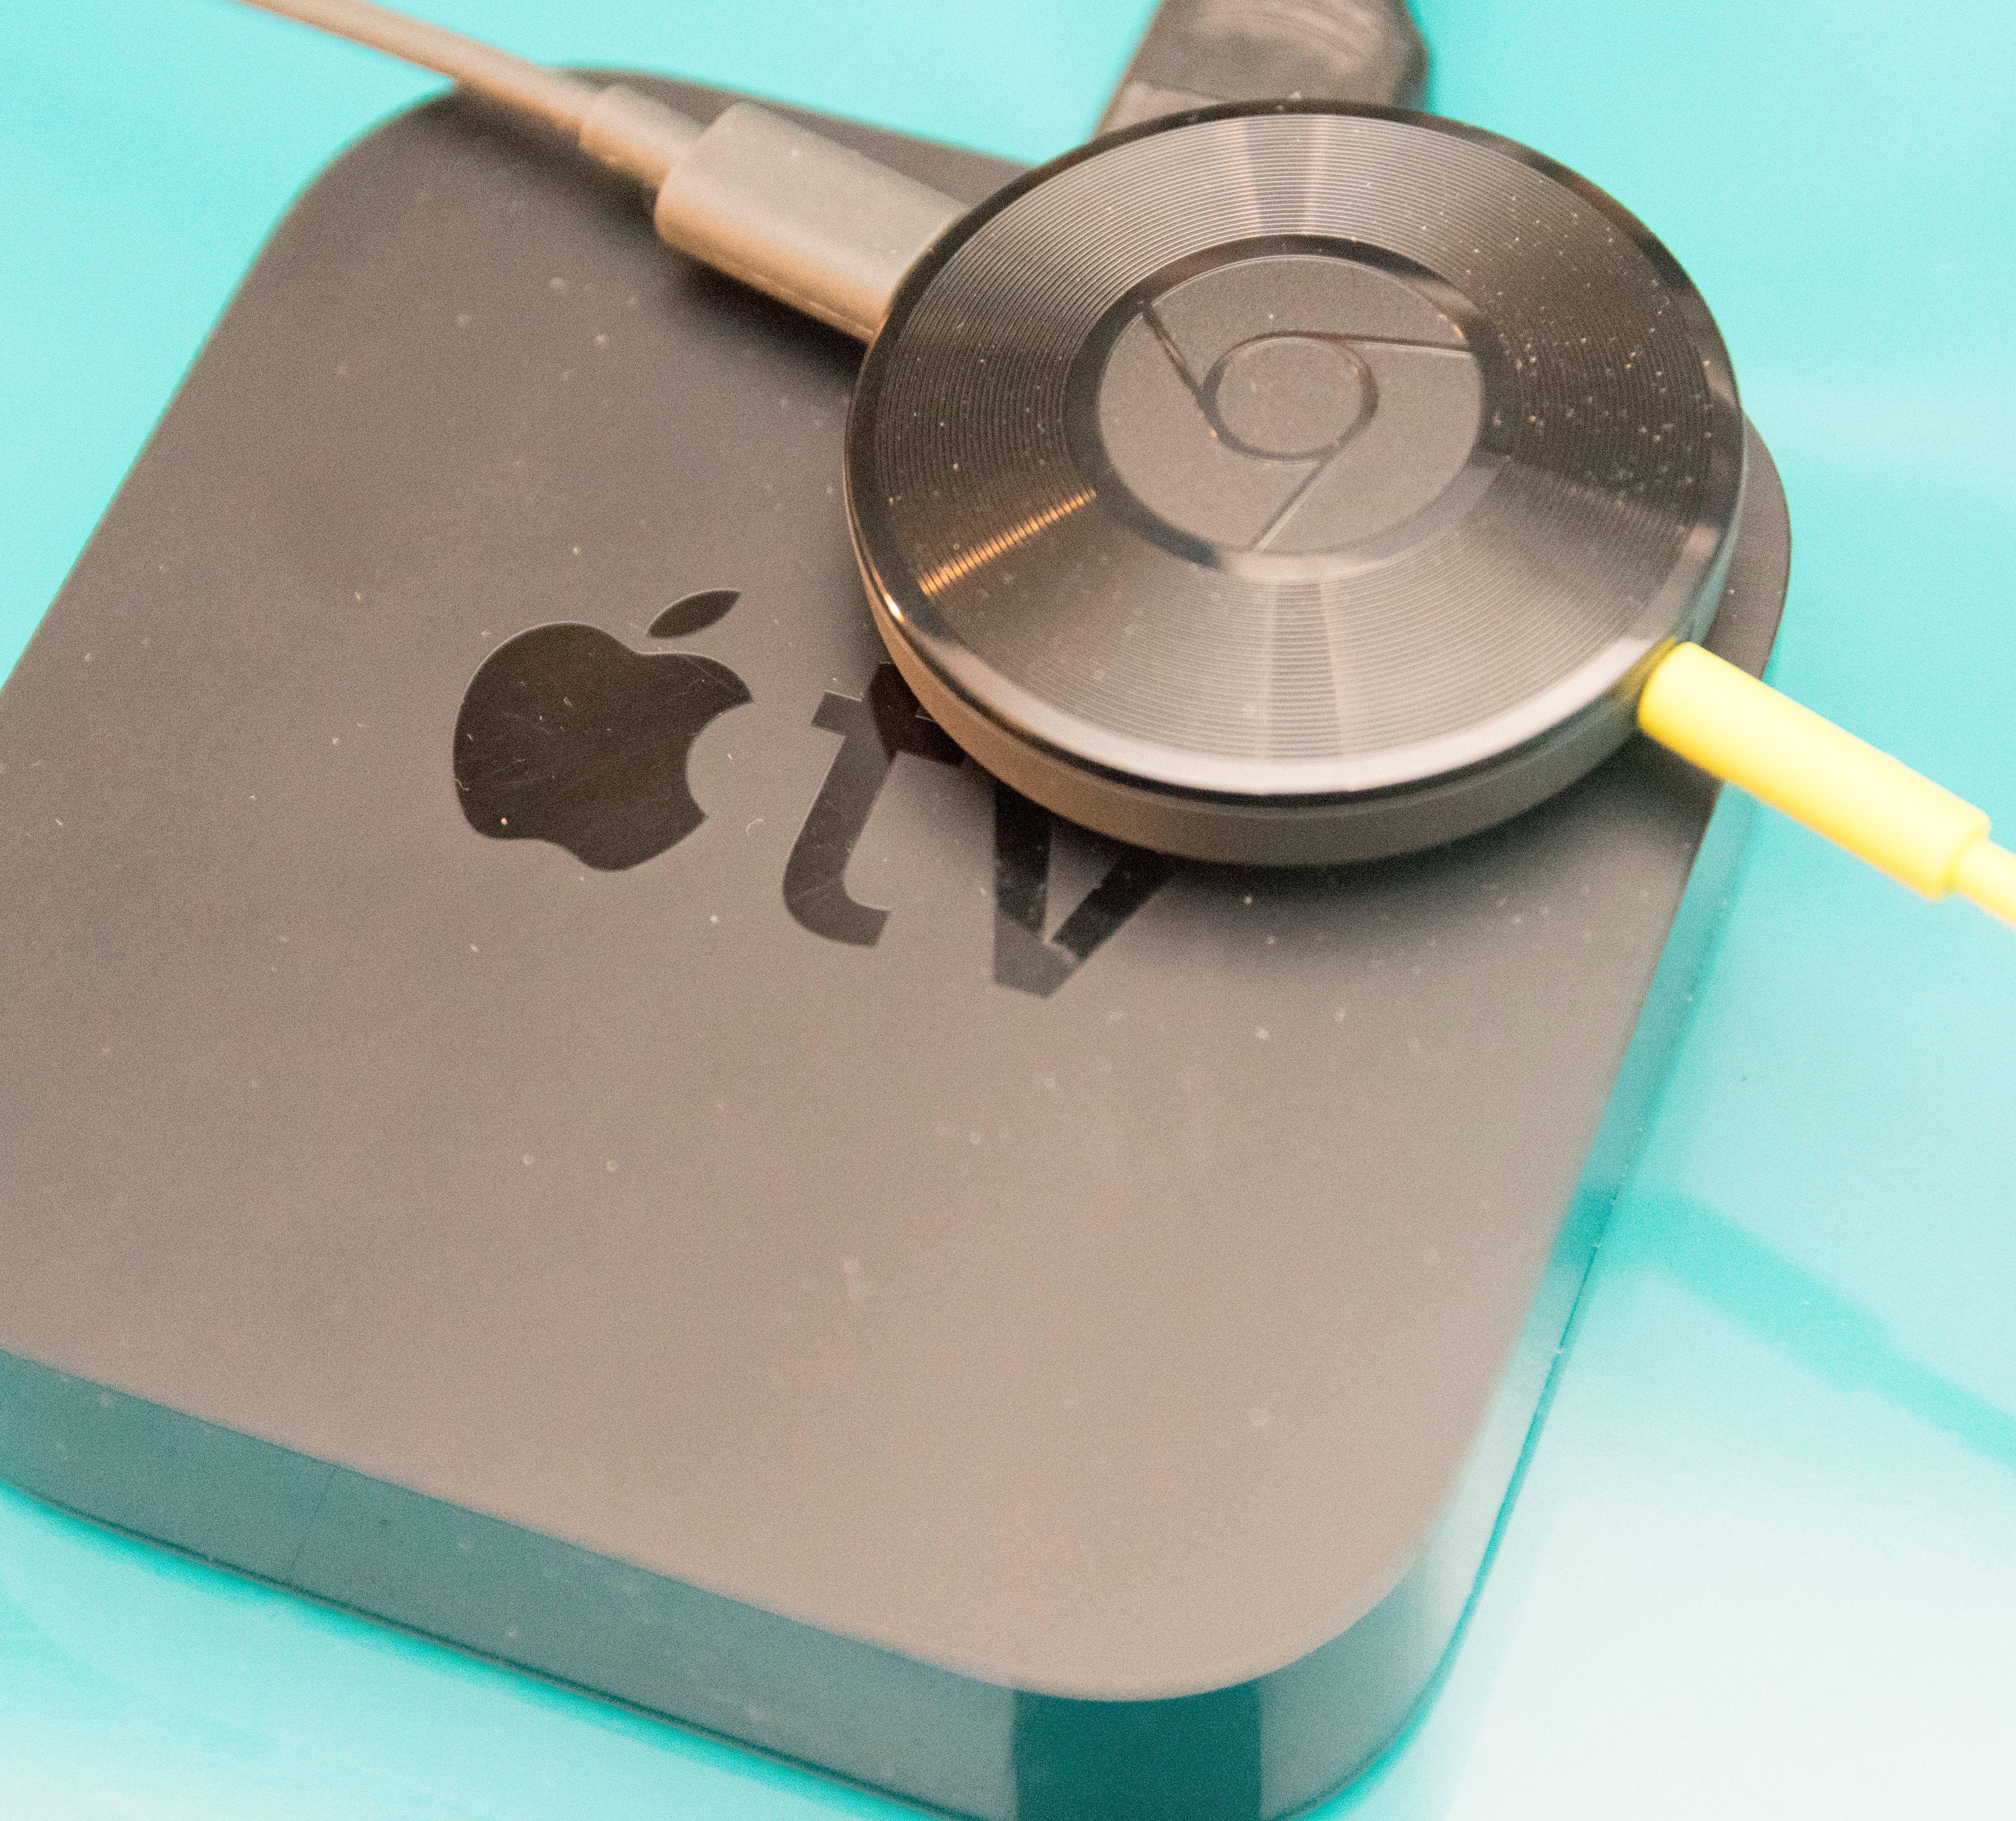 Chromecast Audio gjør bare en brøkdel av det Apple TV kan, men trenger du bare lydstrømming kan den være et utmerket alternativ. Foto: Finn Jarle Kvalheim, Tek.no